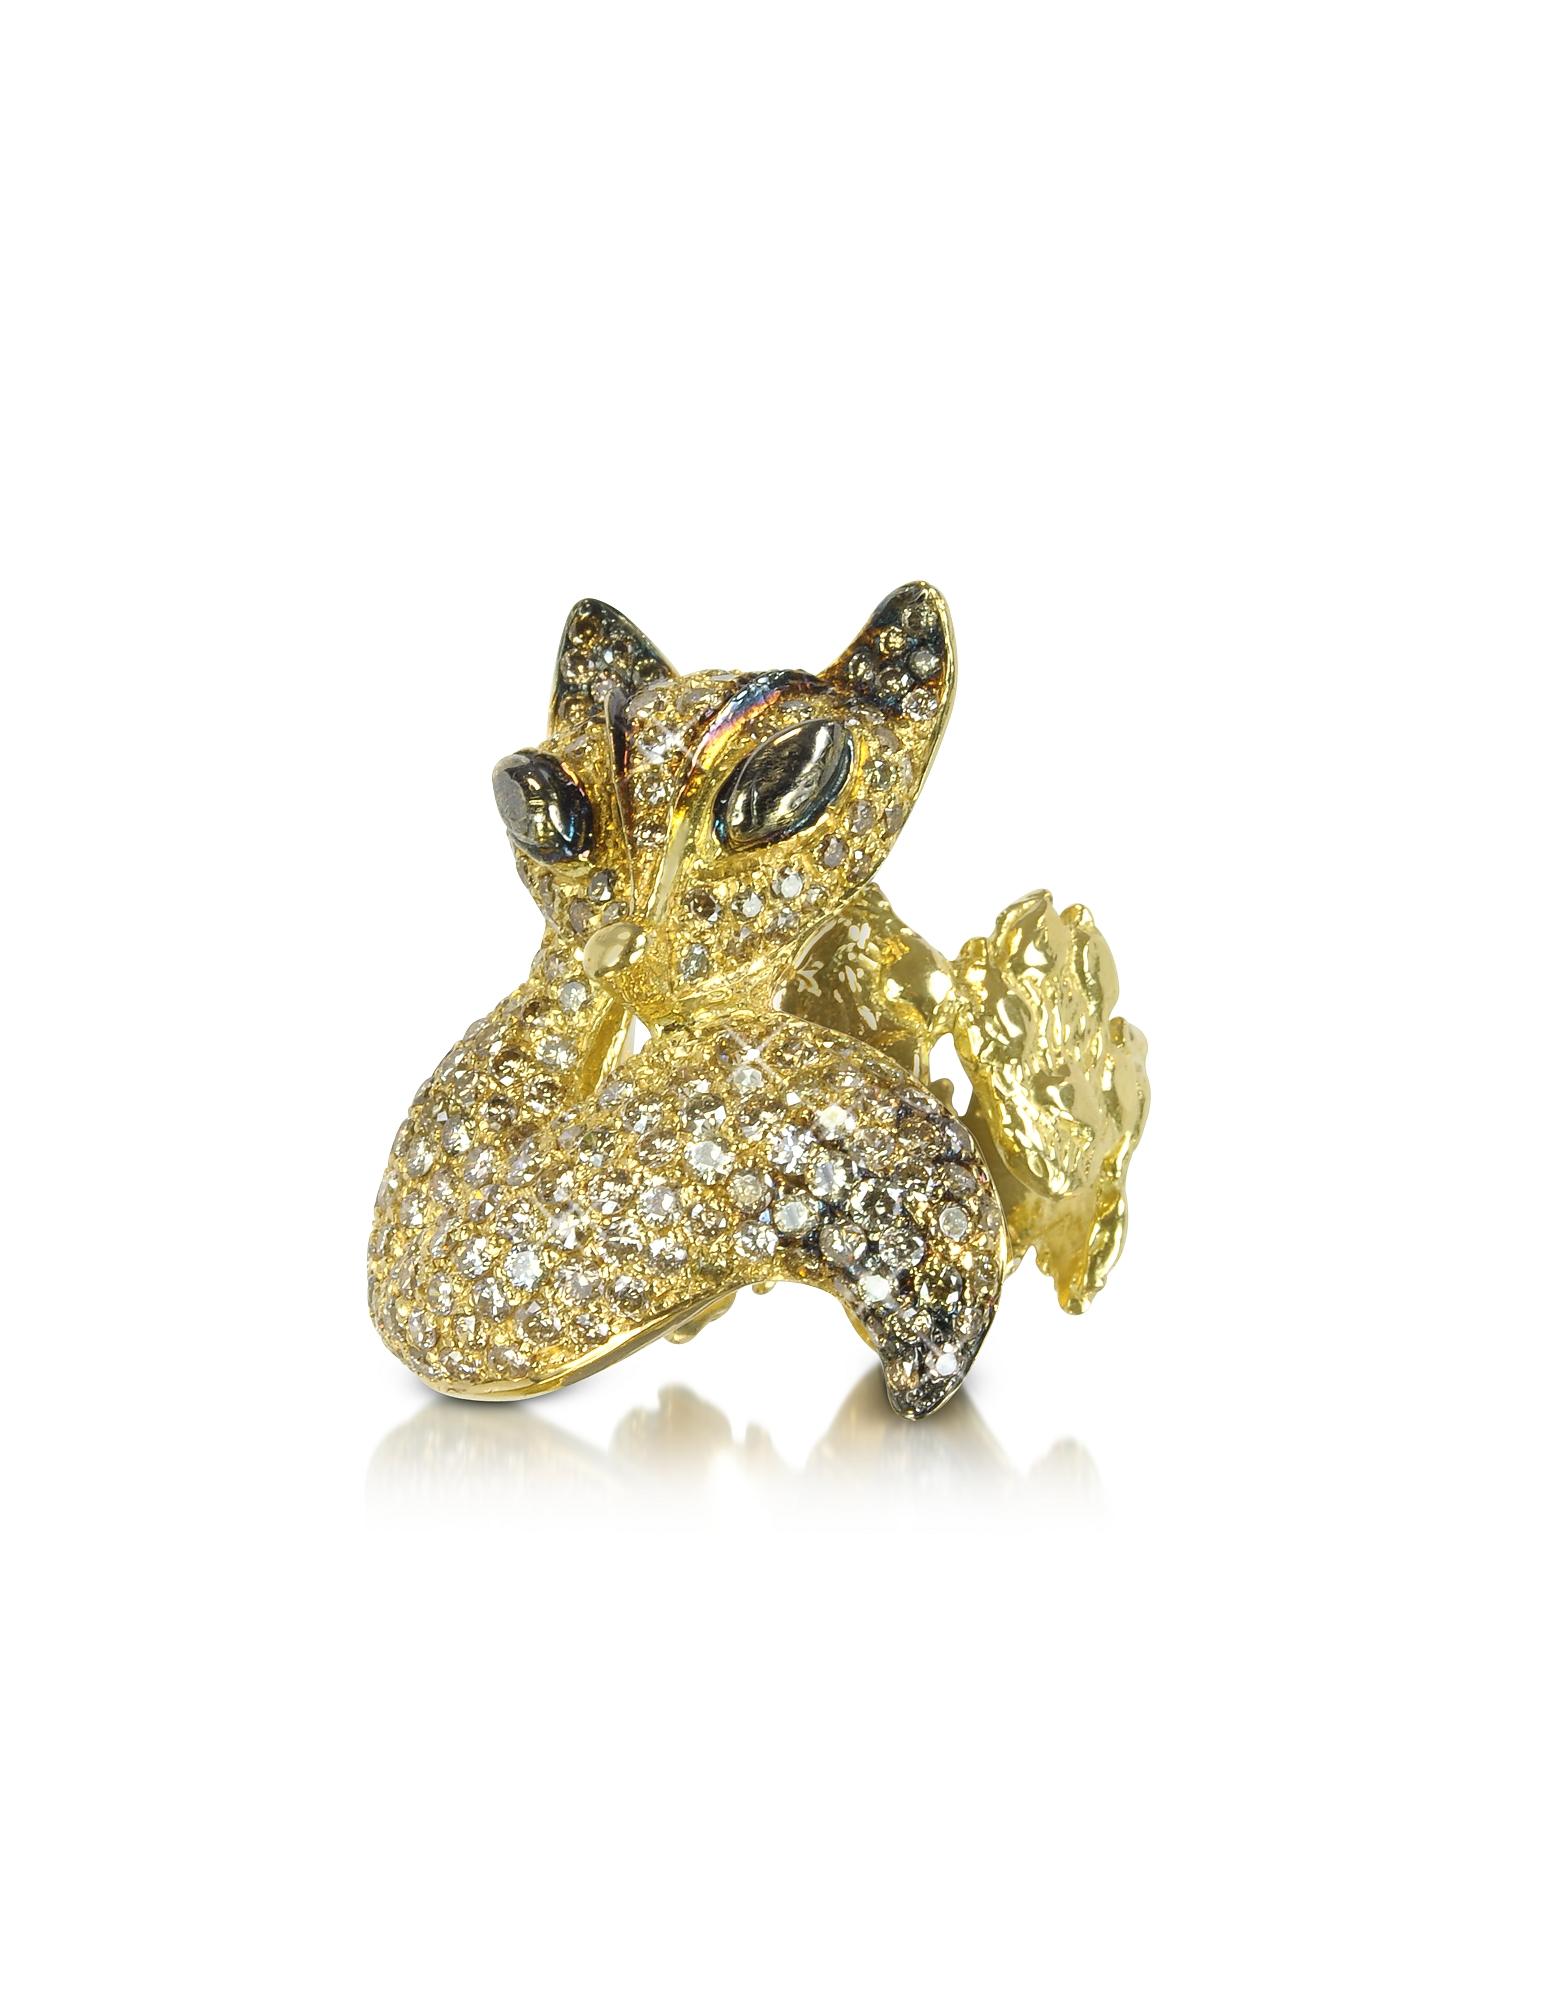 Bernard Delettrez Designer Rings, Gold and Cognac Diamonds Fox Ring